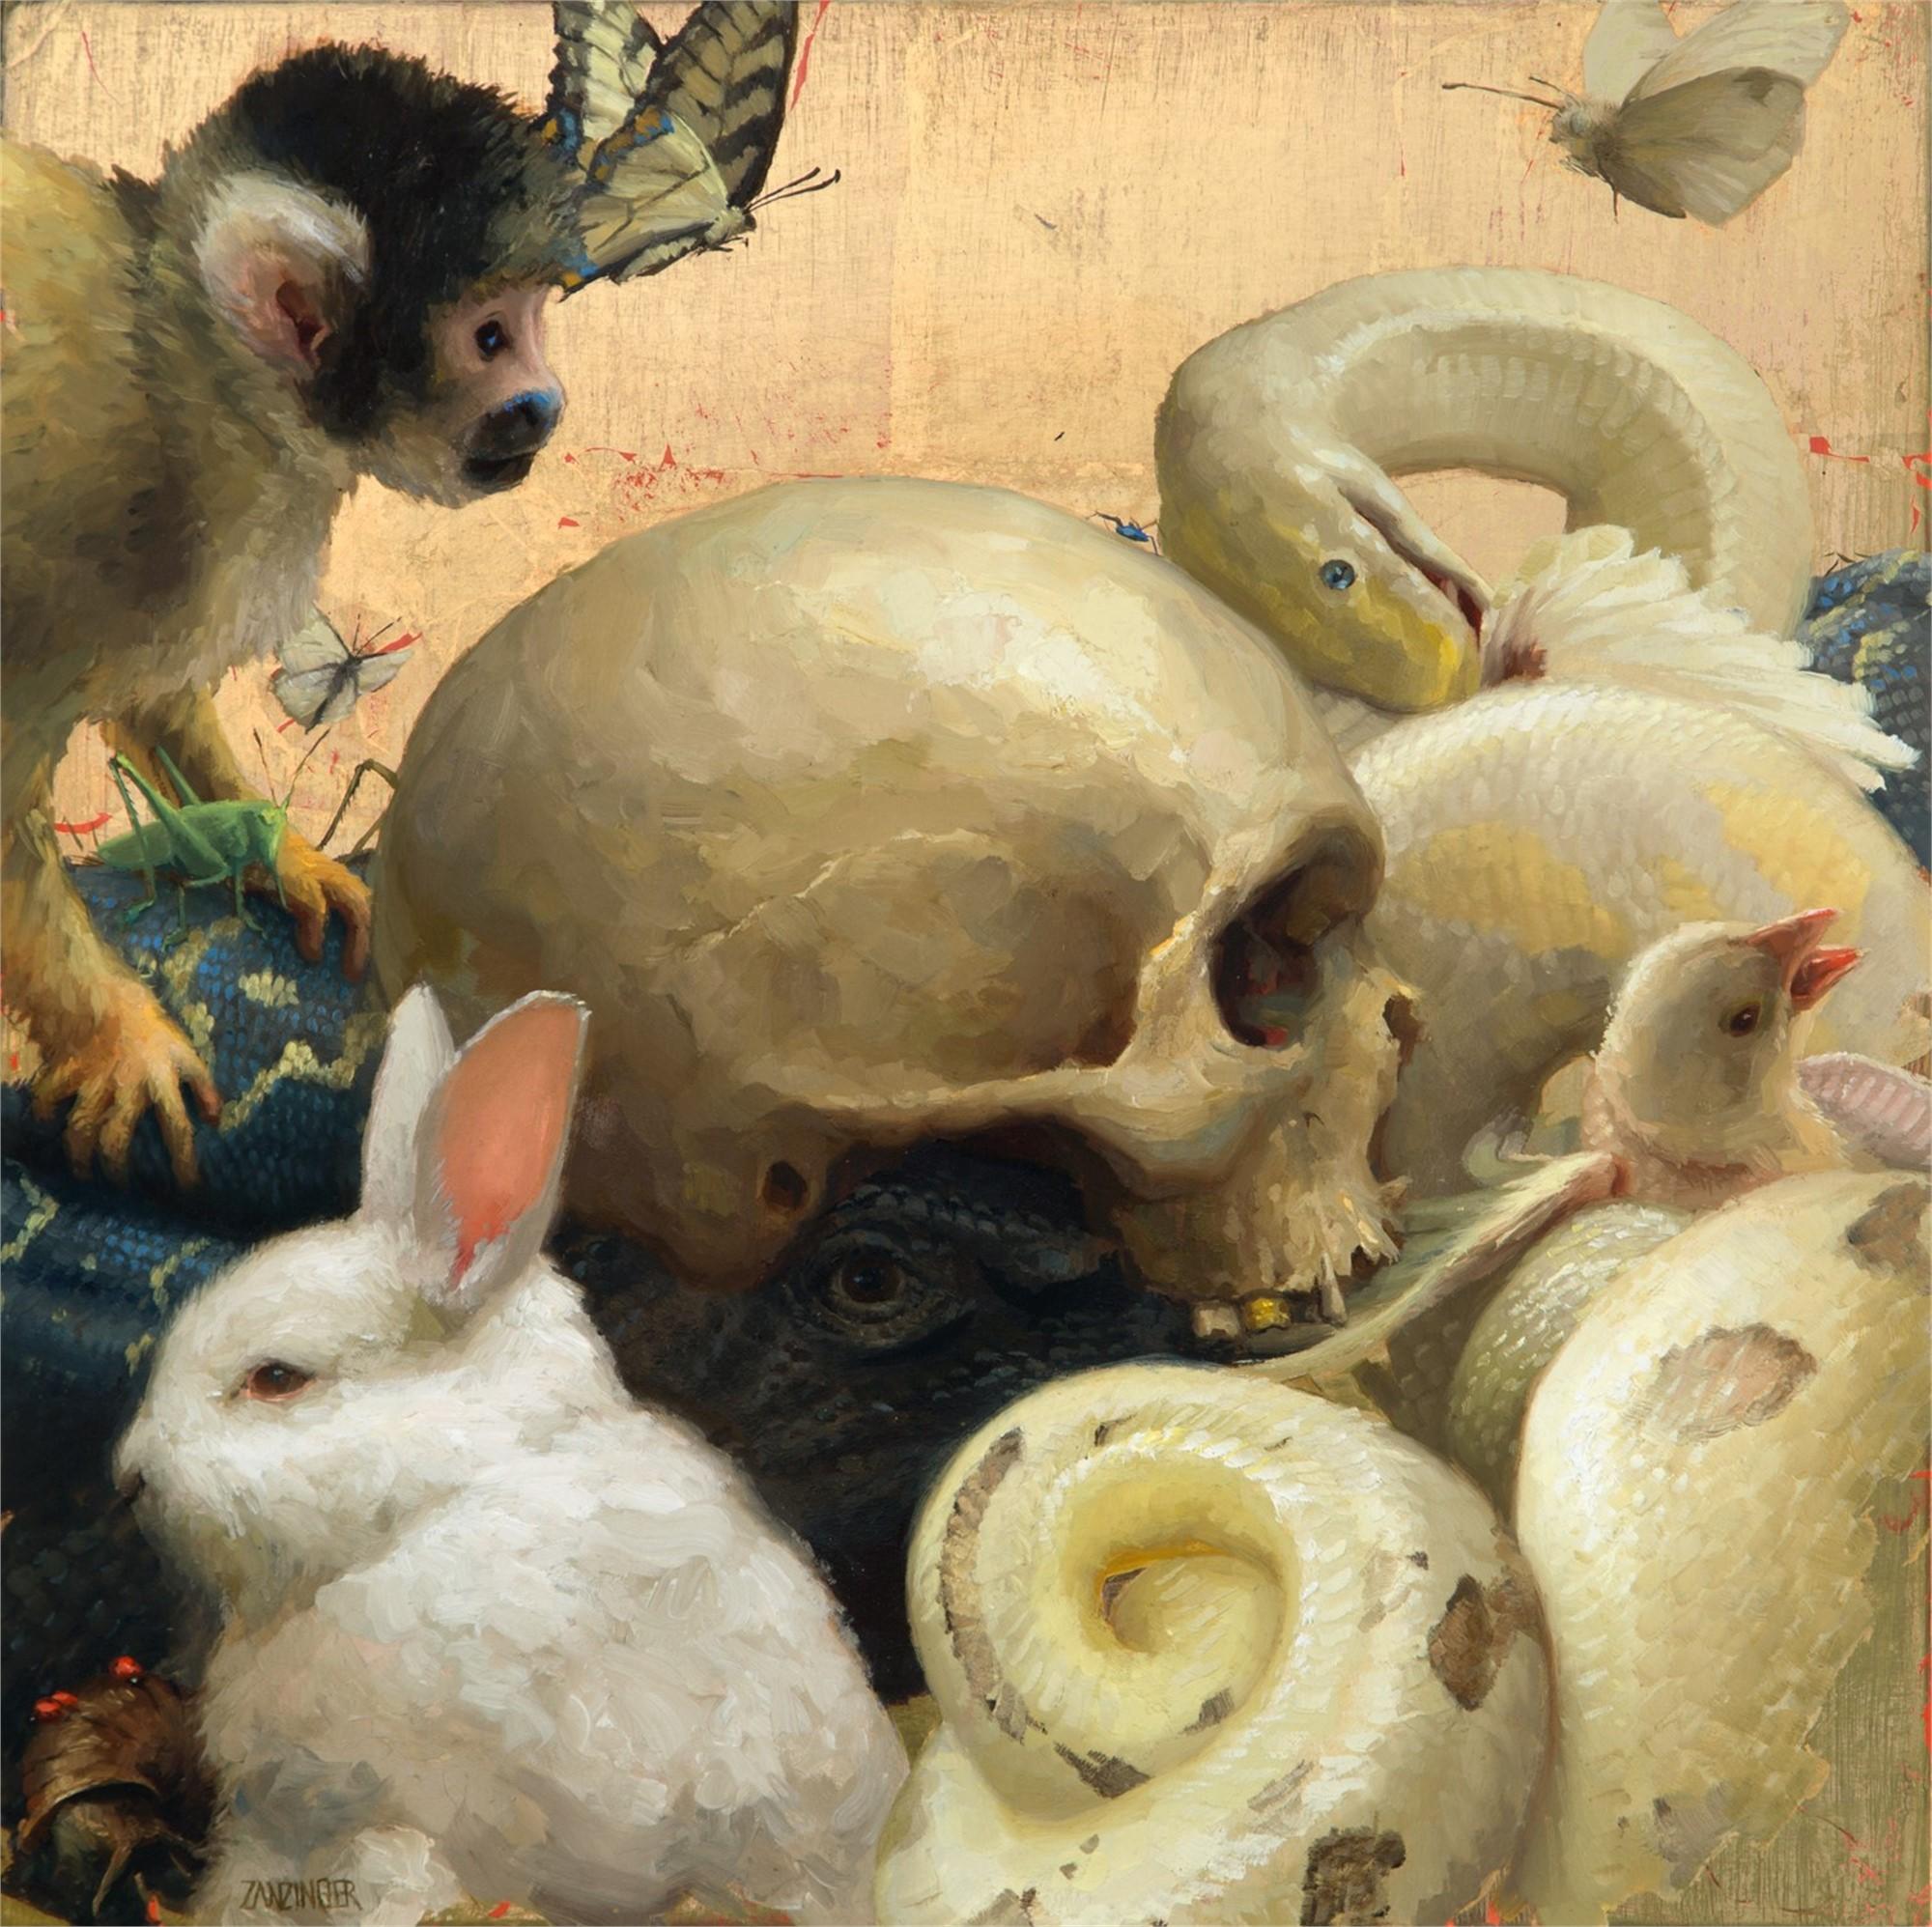 Fauna by Elizabeth Zanzinger